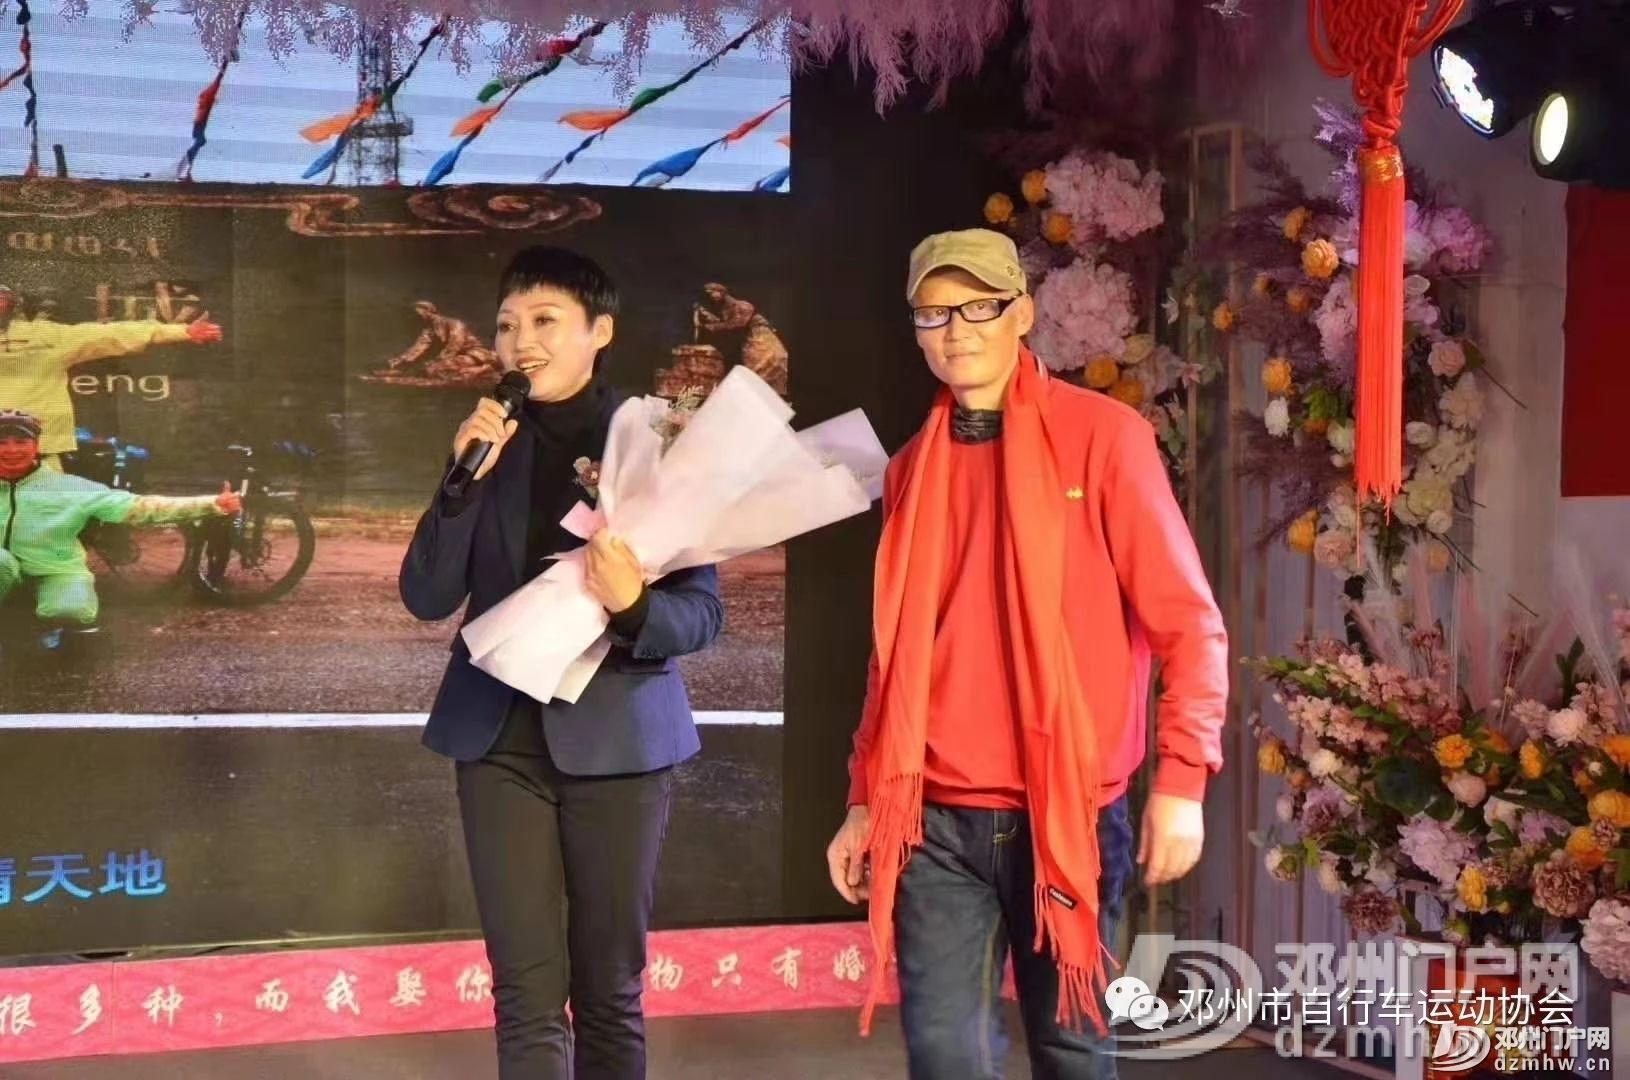 邓州市自行车运动协会2020新春年会圆满结束! - 邓州门户网|邓州网 - d2ec308f6a78b32a1da1925e67d9b1fb.jpg